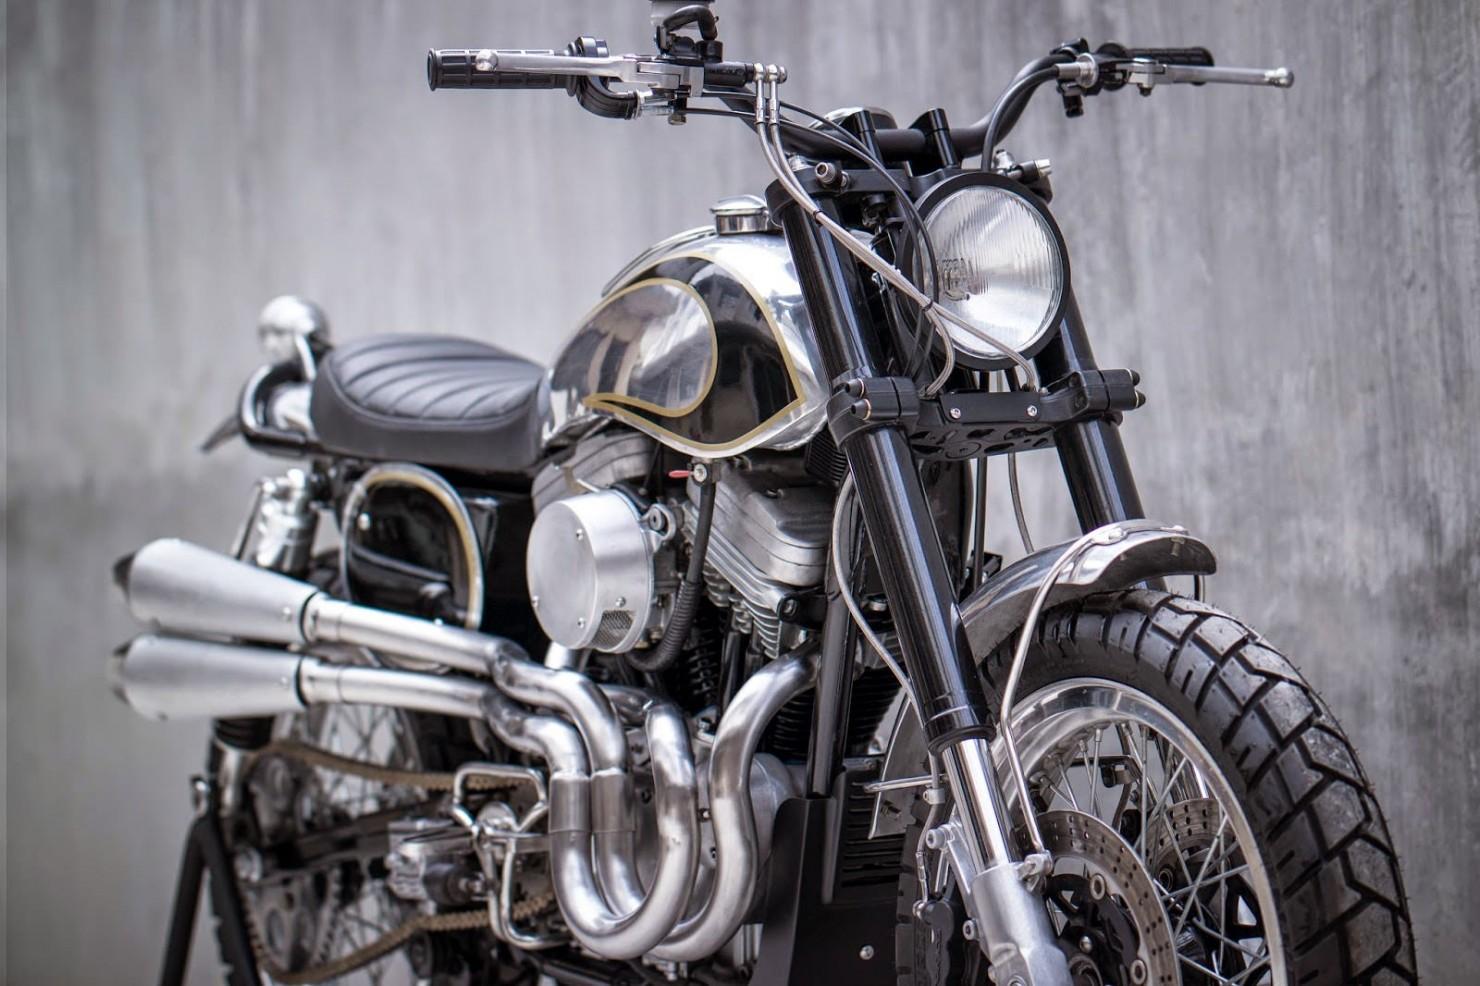 Harley-Davidson-Scrambler-Motorcycle-10